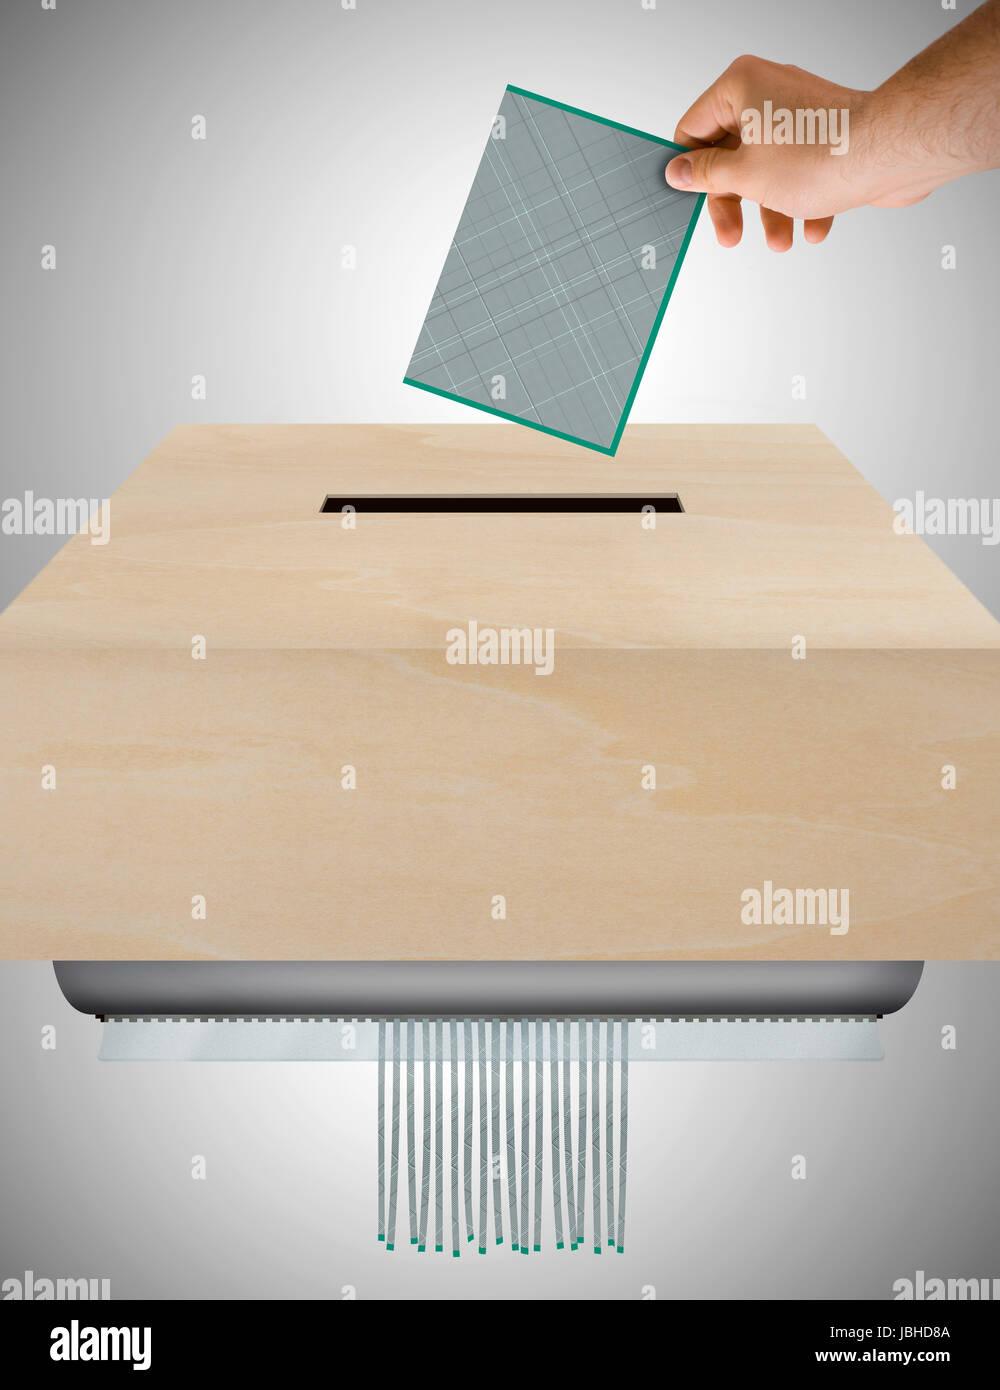 Imagen que representa el concepto de papeletas inútiles Foto de stock